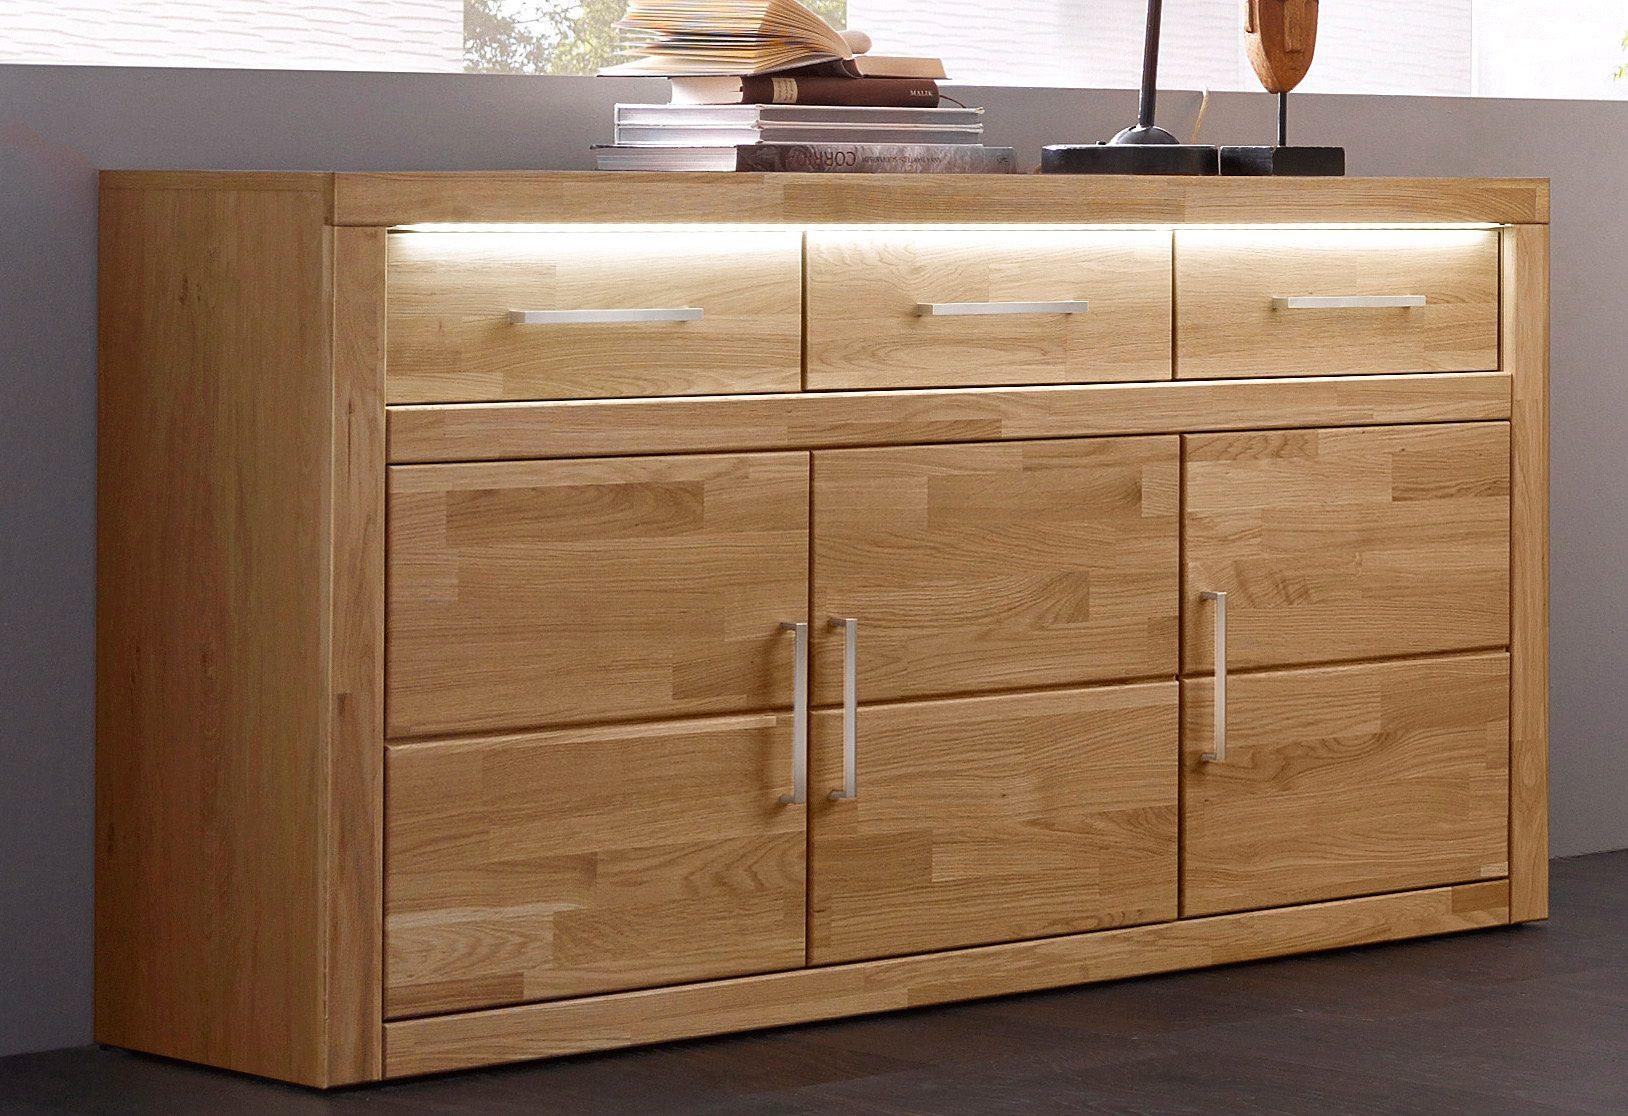 Etagenbett Buche Extract : Buche sideboards online kaufen möbel suchmaschine ladendirekt